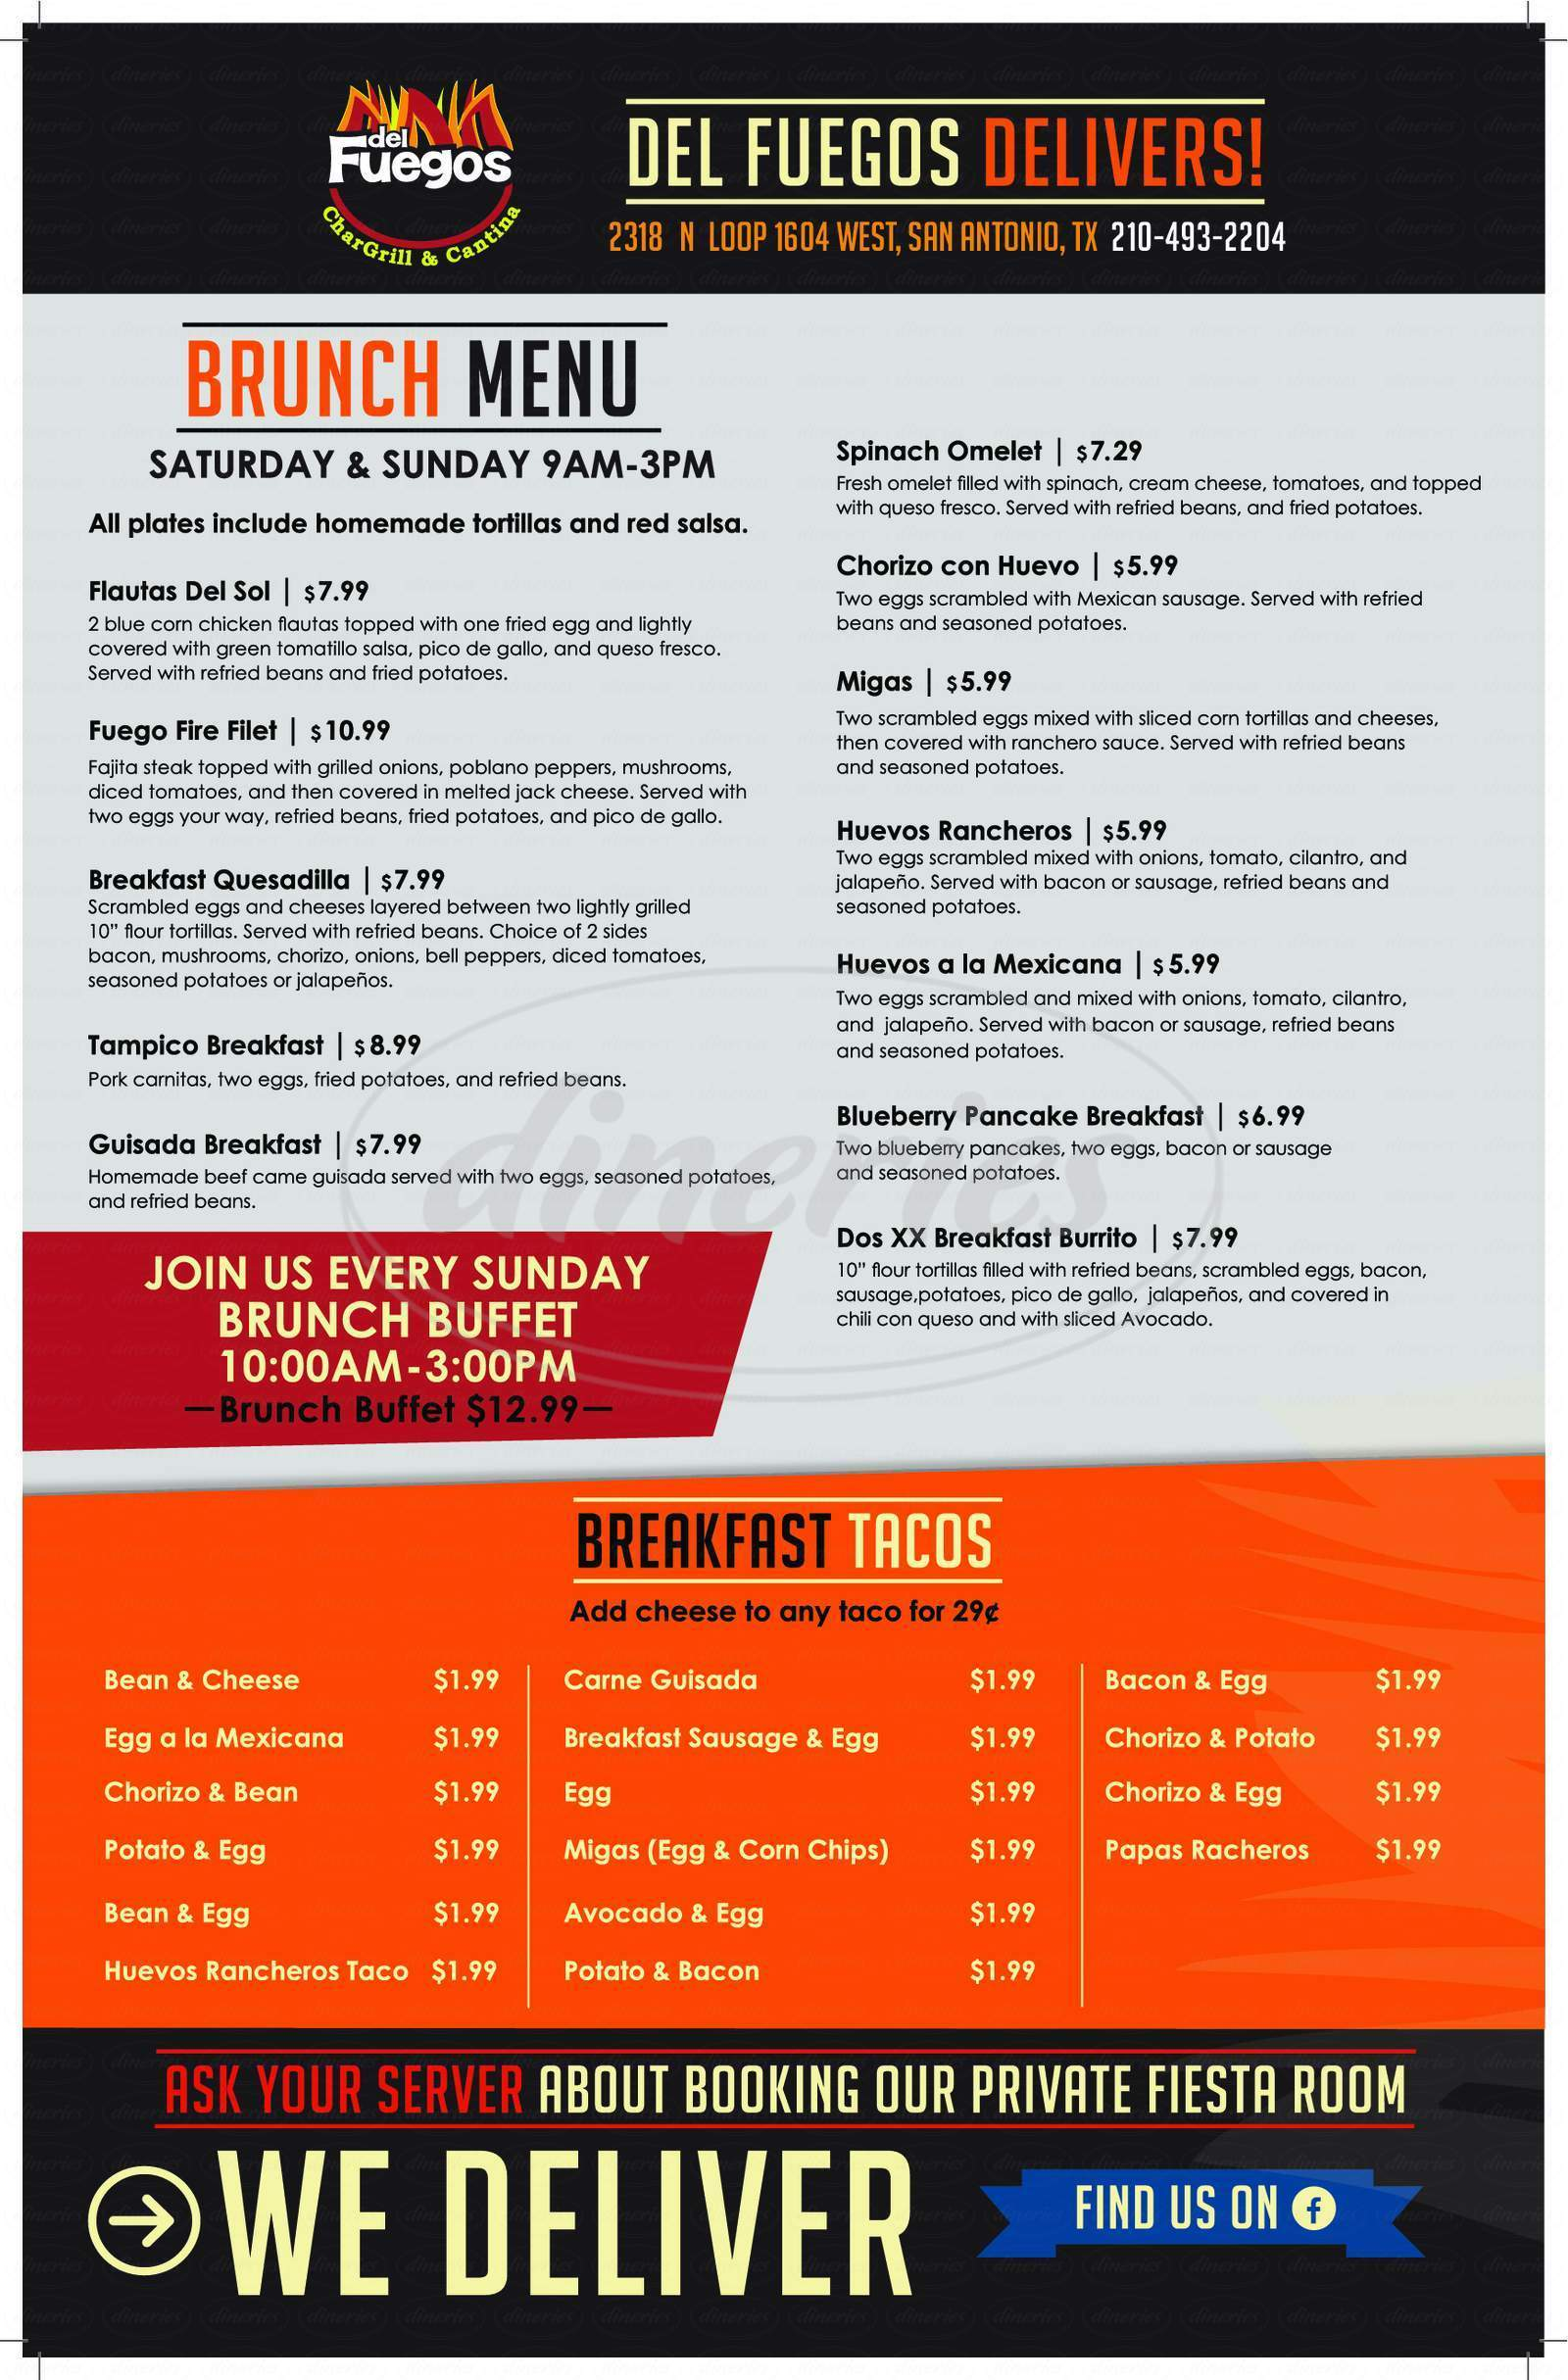 menu for Del Fuego's